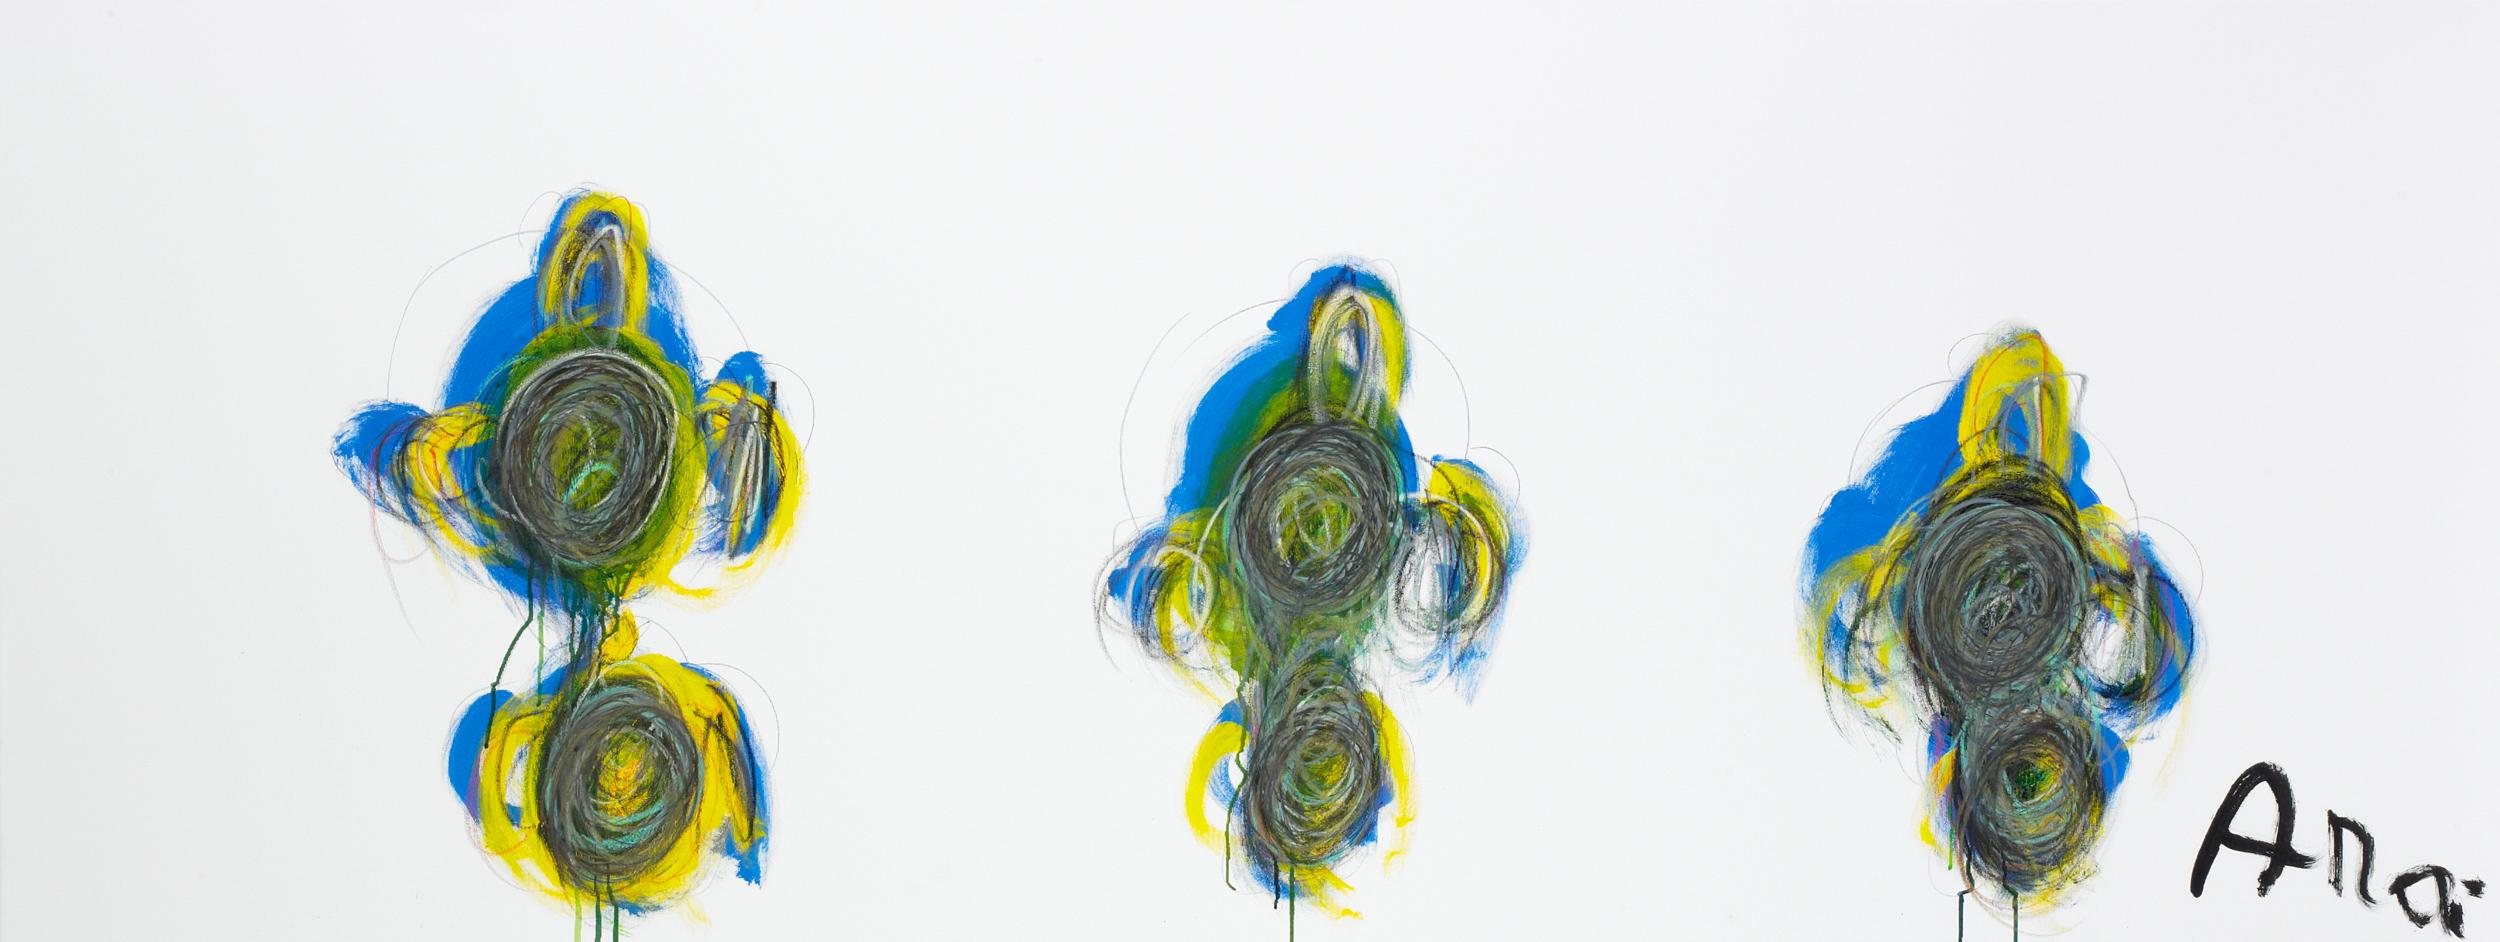 schmidt arnold - 3 Figuren / 3 Figures